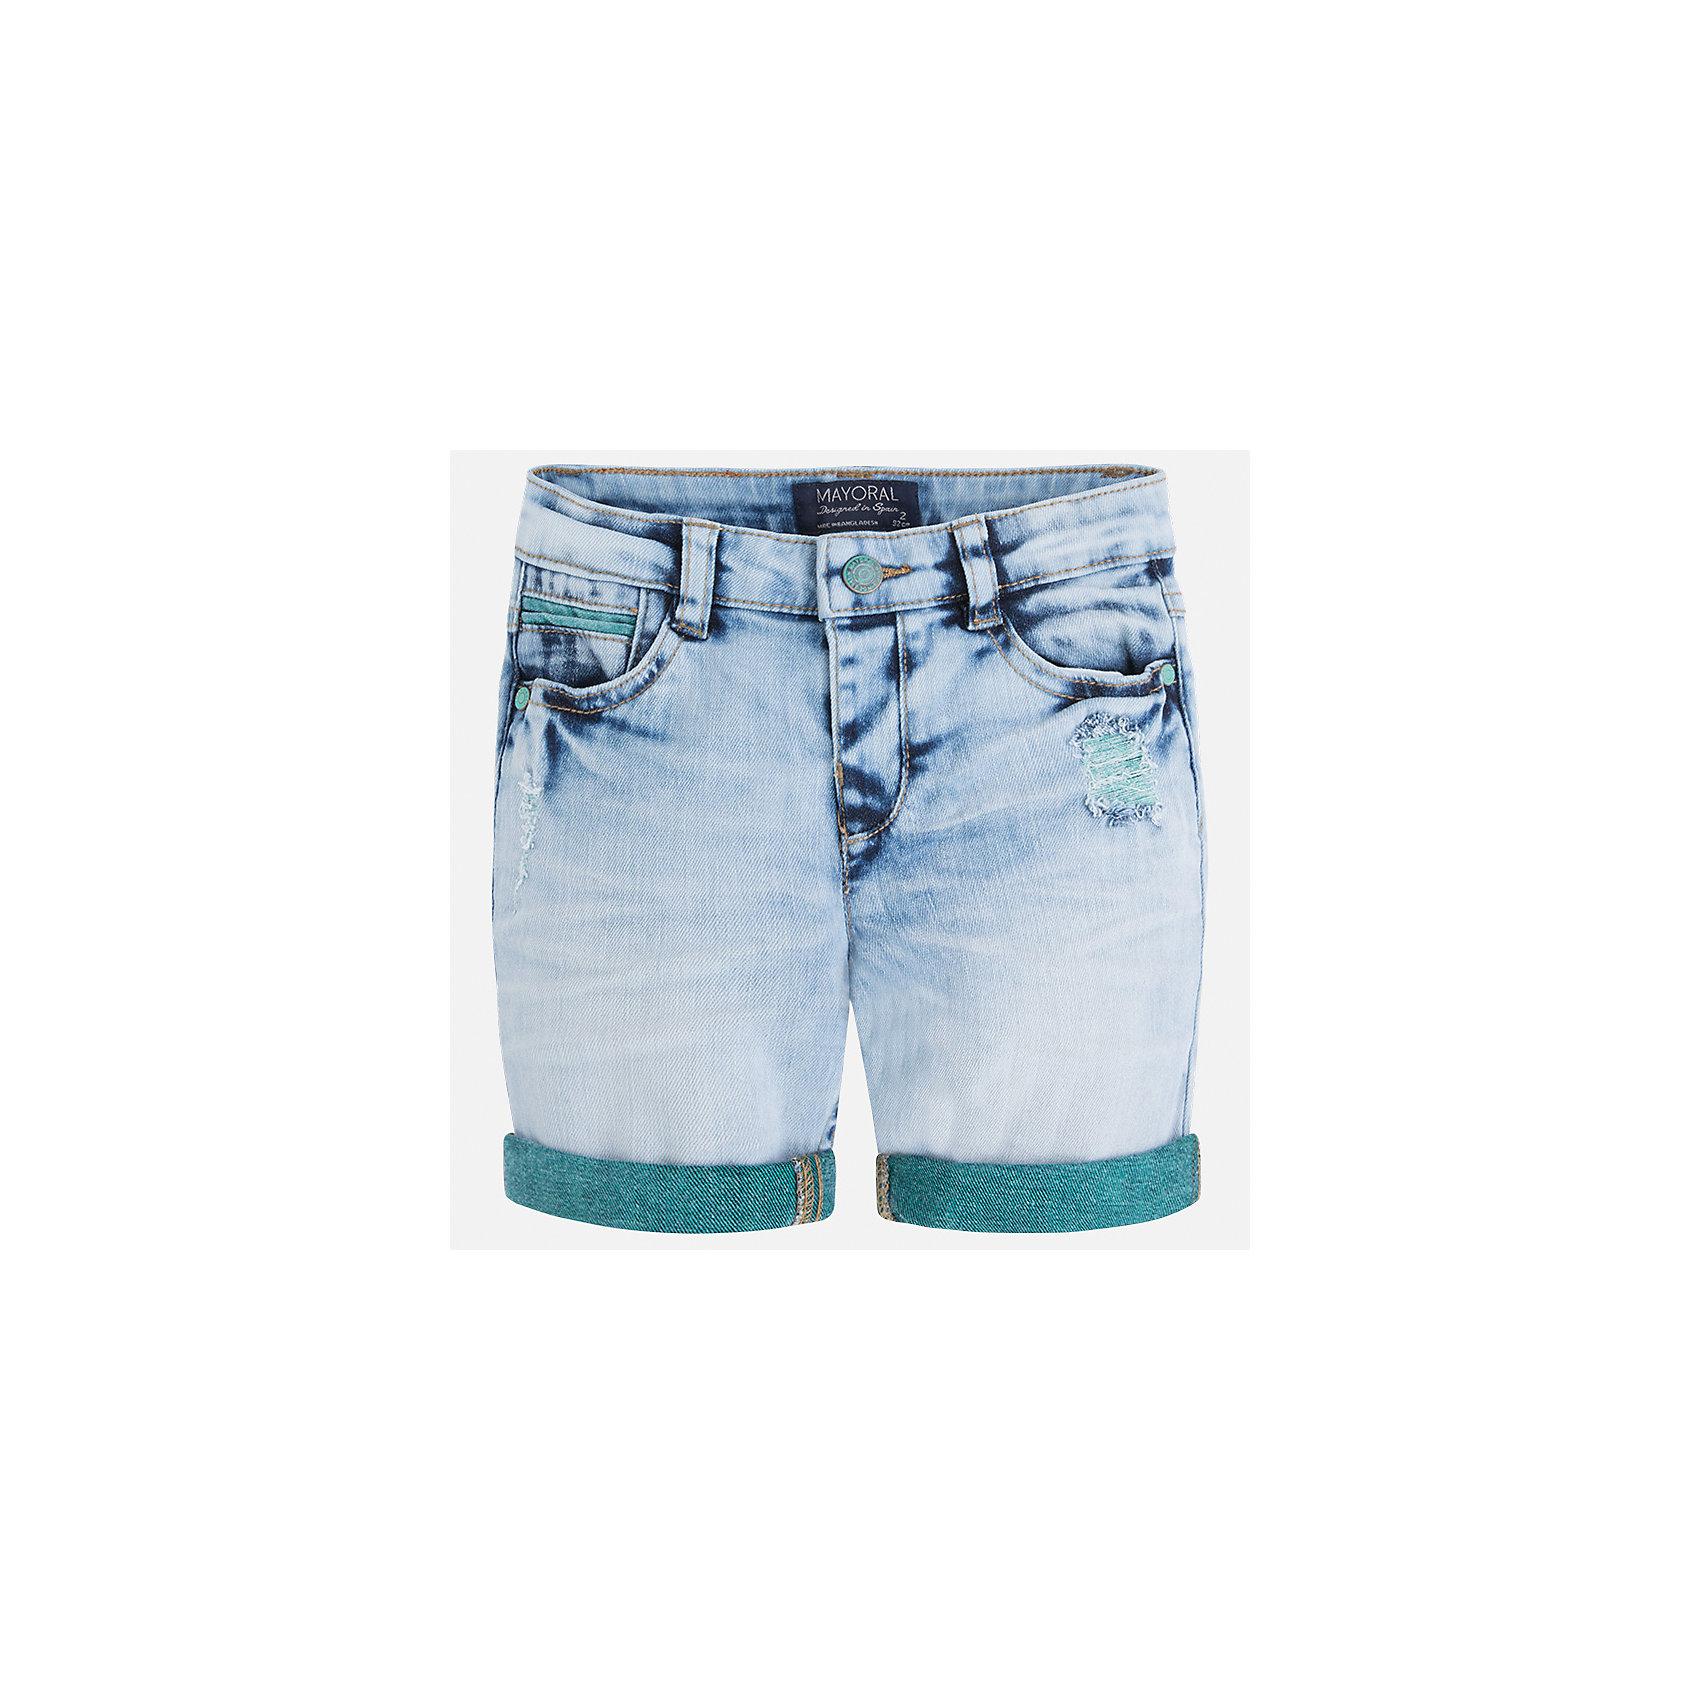 Бриджи джинсовые для мальчика MayoralШорты, бриджи, капри<br>Характеристики товара:<br><br>• цвет: голубой<br>• состав: 99% хлопок, 1% эластан<br>• шлевки<br>• карманы<br>• пояс с регулировкой объема<br>• имитация потертости<br>• страна бренда: Испания<br><br>Модные бриджи для мальчика смогут стать базовой вещью в гардеробе ребенка. Они отлично сочетаются с майками, футболками, рубашками и т.д. Универсальный крой и цвет позволяет подобрать к вещи верх разных расцветок. Практичное и стильное изделие! В составе материала - натуральный хлопок, гипоаллергенный, приятный на ощупь, дышащий.<br><br>Одежда, обувь и аксессуары от испанского бренда Mayoral полюбились детям и взрослым по всему миру. Модели этой марки - стильные и удобные. Для их производства используются только безопасные, качественные материалы и фурнитура. Порадуйте ребенка модными и красивыми вещами от Mayoral! <br><br>Бриджи для мальчика от испанского бренда Mayoral (Майорал) можно купить в нашем интернет-магазине.<br><br>Ширина мм: 191<br>Глубина мм: 10<br>Высота мм: 175<br>Вес г: 273<br>Цвет: голубой<br>Возраст от месяцев: 24<br>Возраст до месяцев: 36<br>Пол: Мужской<br>Возраст: Детский<br>Размер: 98,134,110,104,128,122,116,92<br>SKU: 5272630